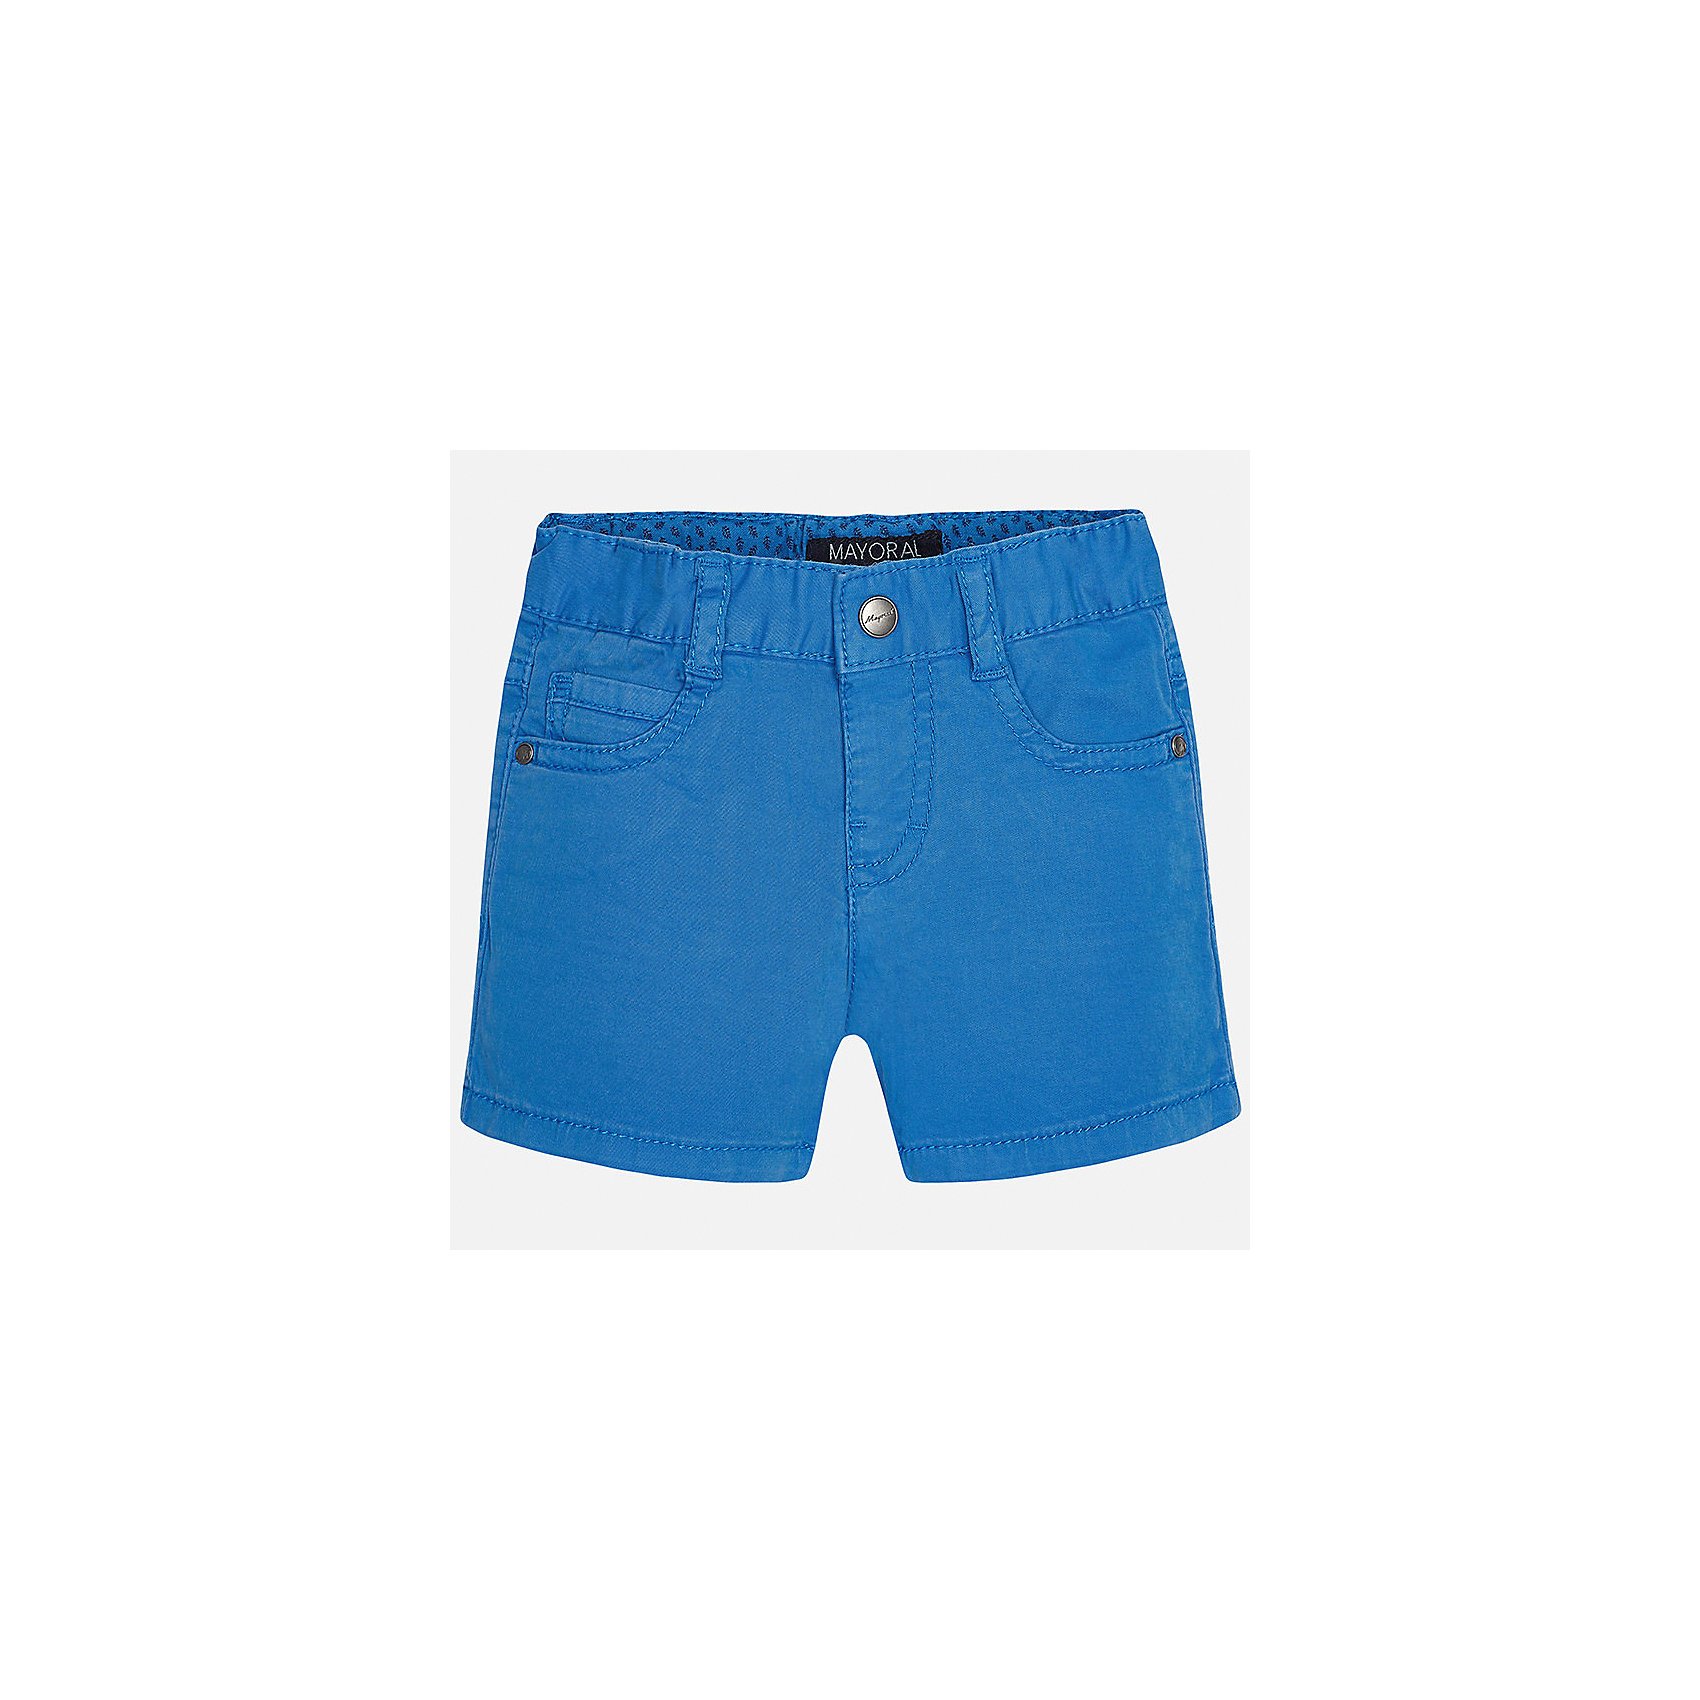 Шорты для мальчика MayoralШорты, бриджи, капри<br>Характеристики товара:<br><br>• цвет: голубой<br>• состав: 98% хлопок, 2% эластан<br>• застежка: пуговица<br>• шлевки<br>• карманы<br>• пояс с регулировкой объема<br>• классический силуэт<br>• страна бренда: Испания<br><br>Модные шорты для мальчика смогут стать базовой вещью в гардеробе ребенка. Они отлично сочетаются с майками, футболками, рубашками и т.д. Универсальный крой и цвет позволяет подобрать к вещи верх разных расцветок. Практичное и стильное изделие! В составе материала - натуральный хлопок, гипоаллергенный, приятный на ощупь, дышащий.<br><br>Одежда, обувь и аксессуары от испанского бренда Mayoral полюбились детям и взрослым по всему миру. Модели этой марки - стильные и удобные. Для их производства используются только безопасные, качественные материалы и фурнитура. Порадуйте ребенка модными и красивыми вещами от Mayoral! <br><br>Шорты для мальчика от испанского бренда Mayoral (Майорал) можно купить в нашем интернет-магазине.<br><br>Ширина мм: 191<br>Глубина мм: 10<br>Высота мм: 175<br>Вес г: 273<br>Цвет: синий<br>Возраст от месяцев: 12<br>Возраст до месяцев: 18<br>Пол: Мужской<br>Возраст: Детский<br>Размер: 86,80,92<br>SKU: 5277889